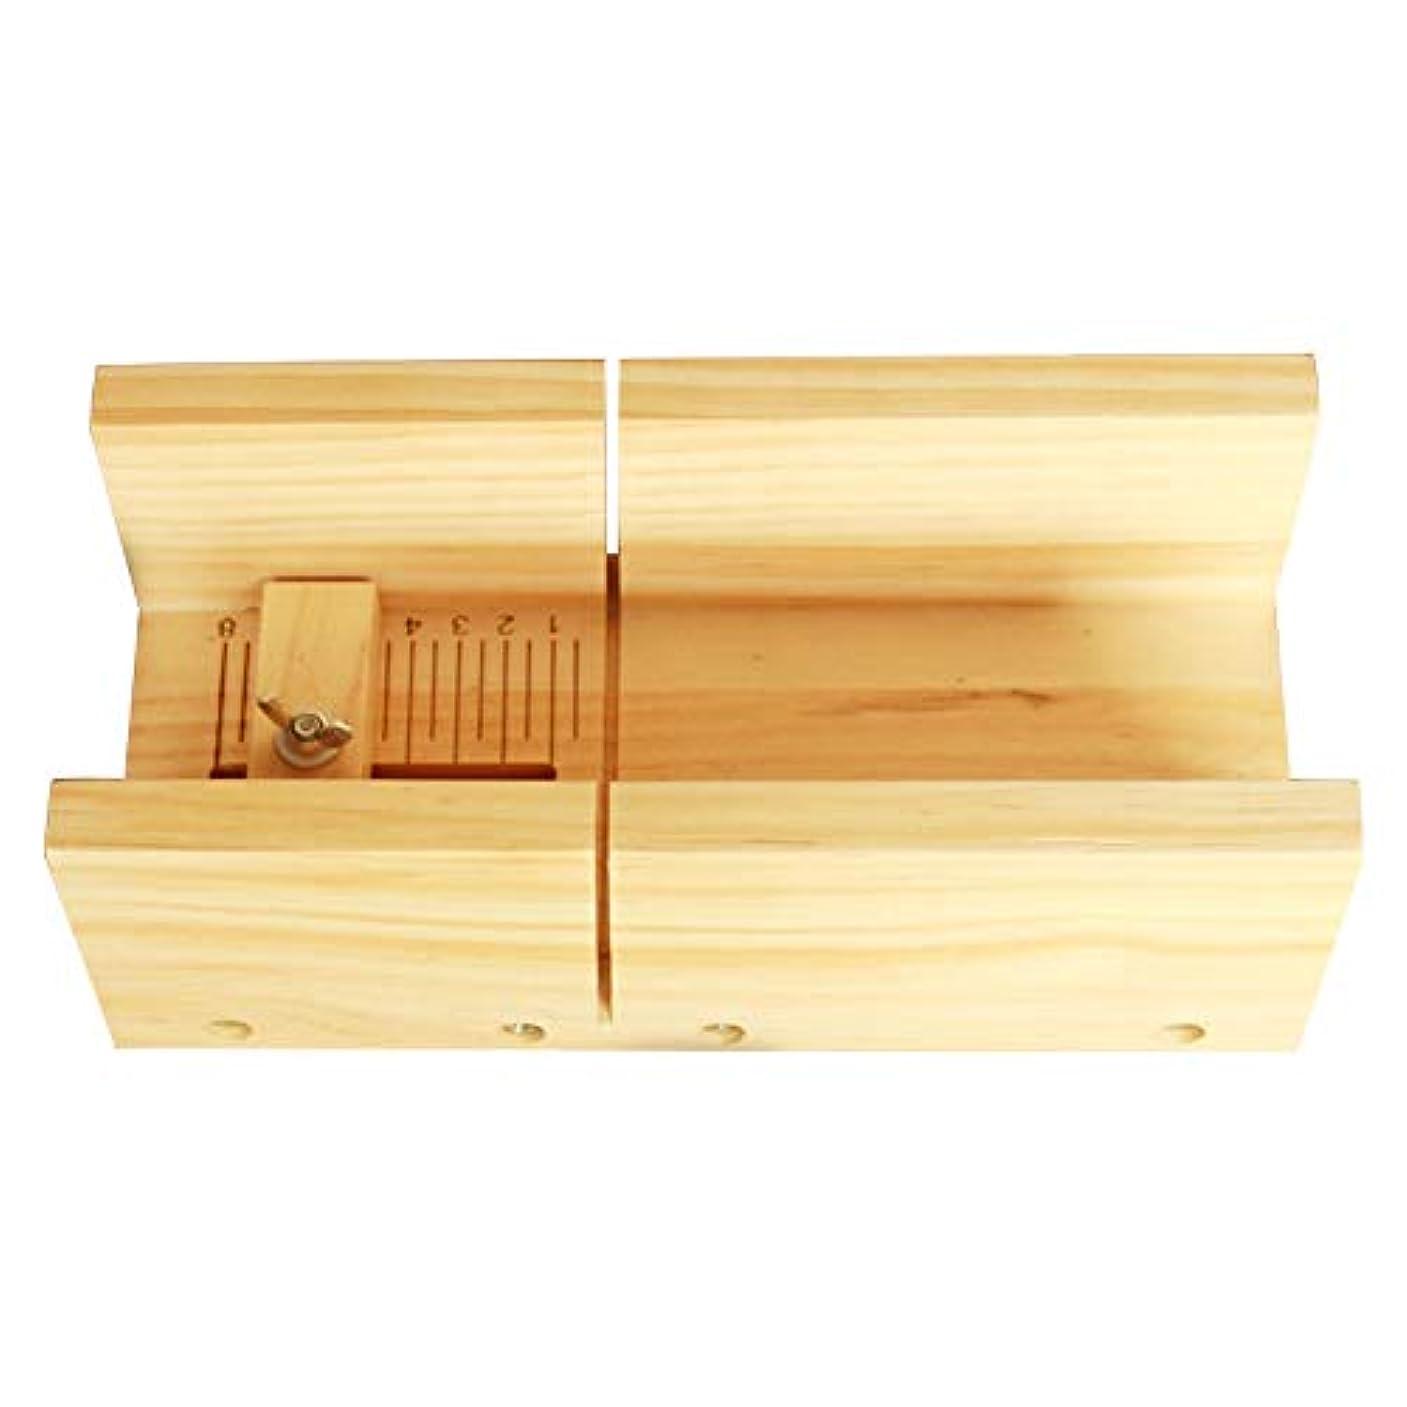 効率フライト着替えるソープカッター、多機能ソープカッターキャンドルケーキチョコレートカッティングツール木製ボックス器具キャンドルスケール用DIYクラフトを作る